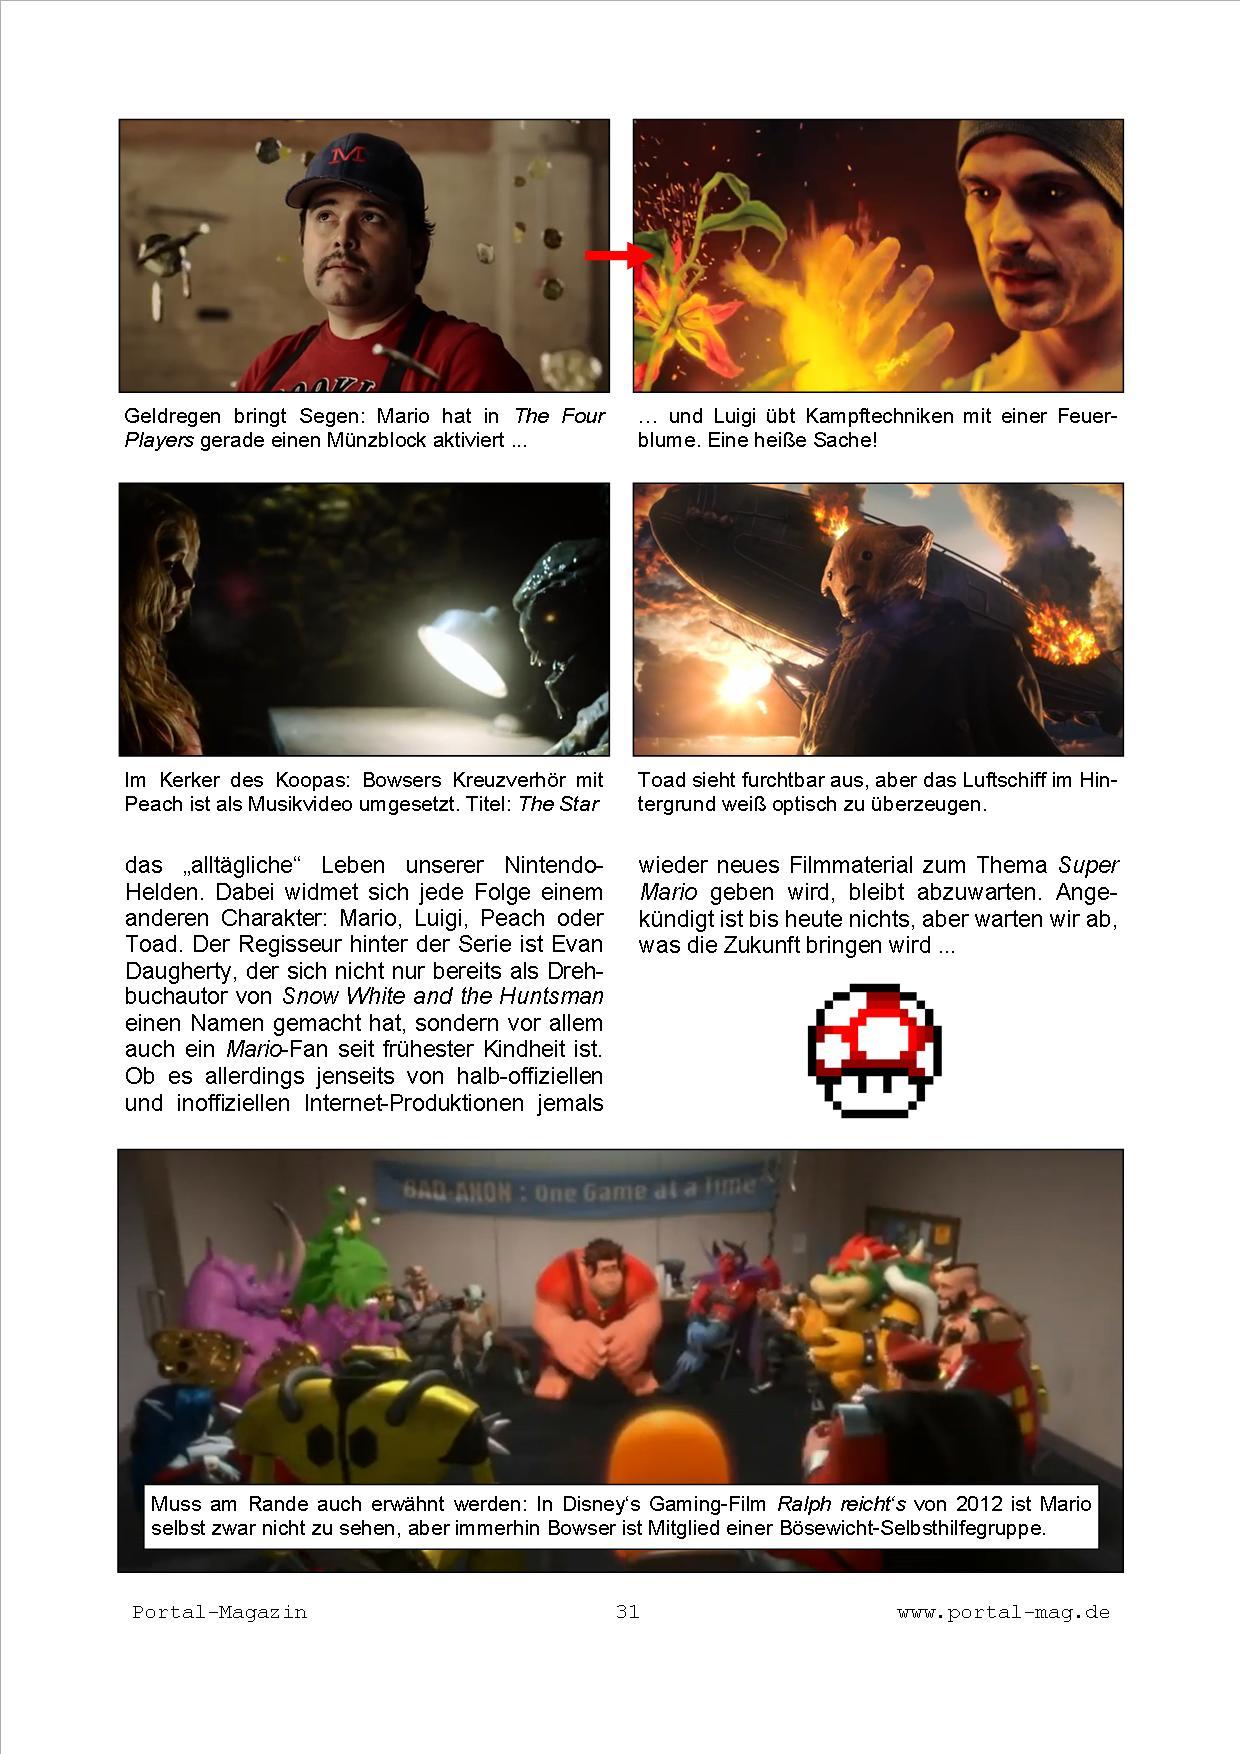 Ausgabe 26, Seite 31